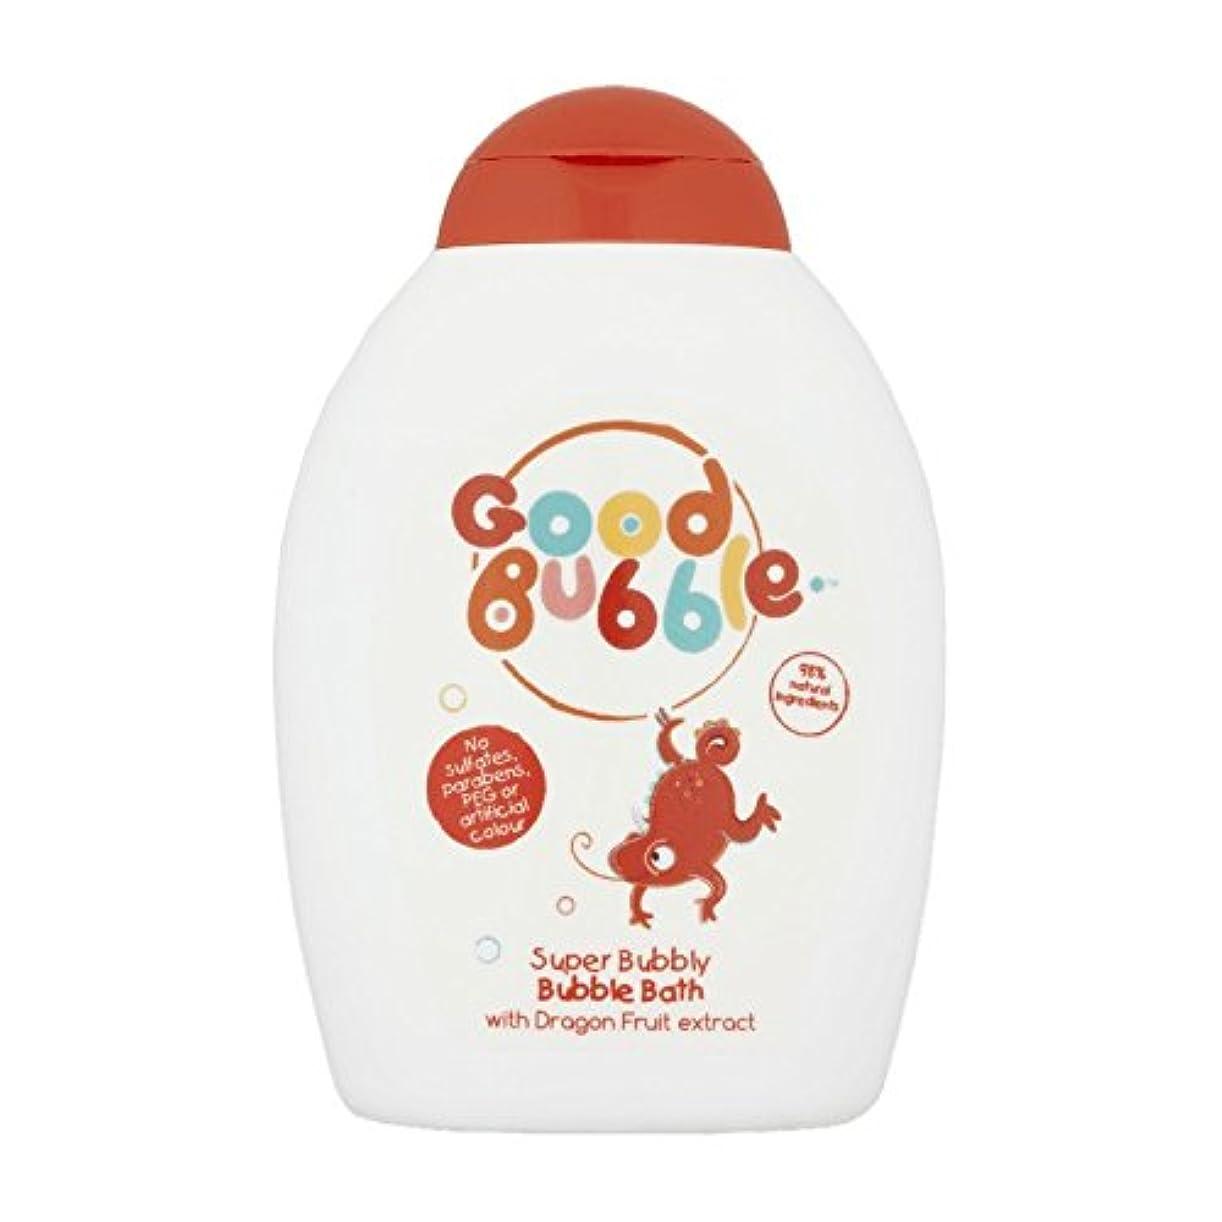 ふざけた国籍重要Good Bubble Dragon Fruit Bubble Bath 400ml (Pack of 6) - 良いバブルドラゴンフルーツバブルバス400ミリリットル (x6) [並行輸入品]